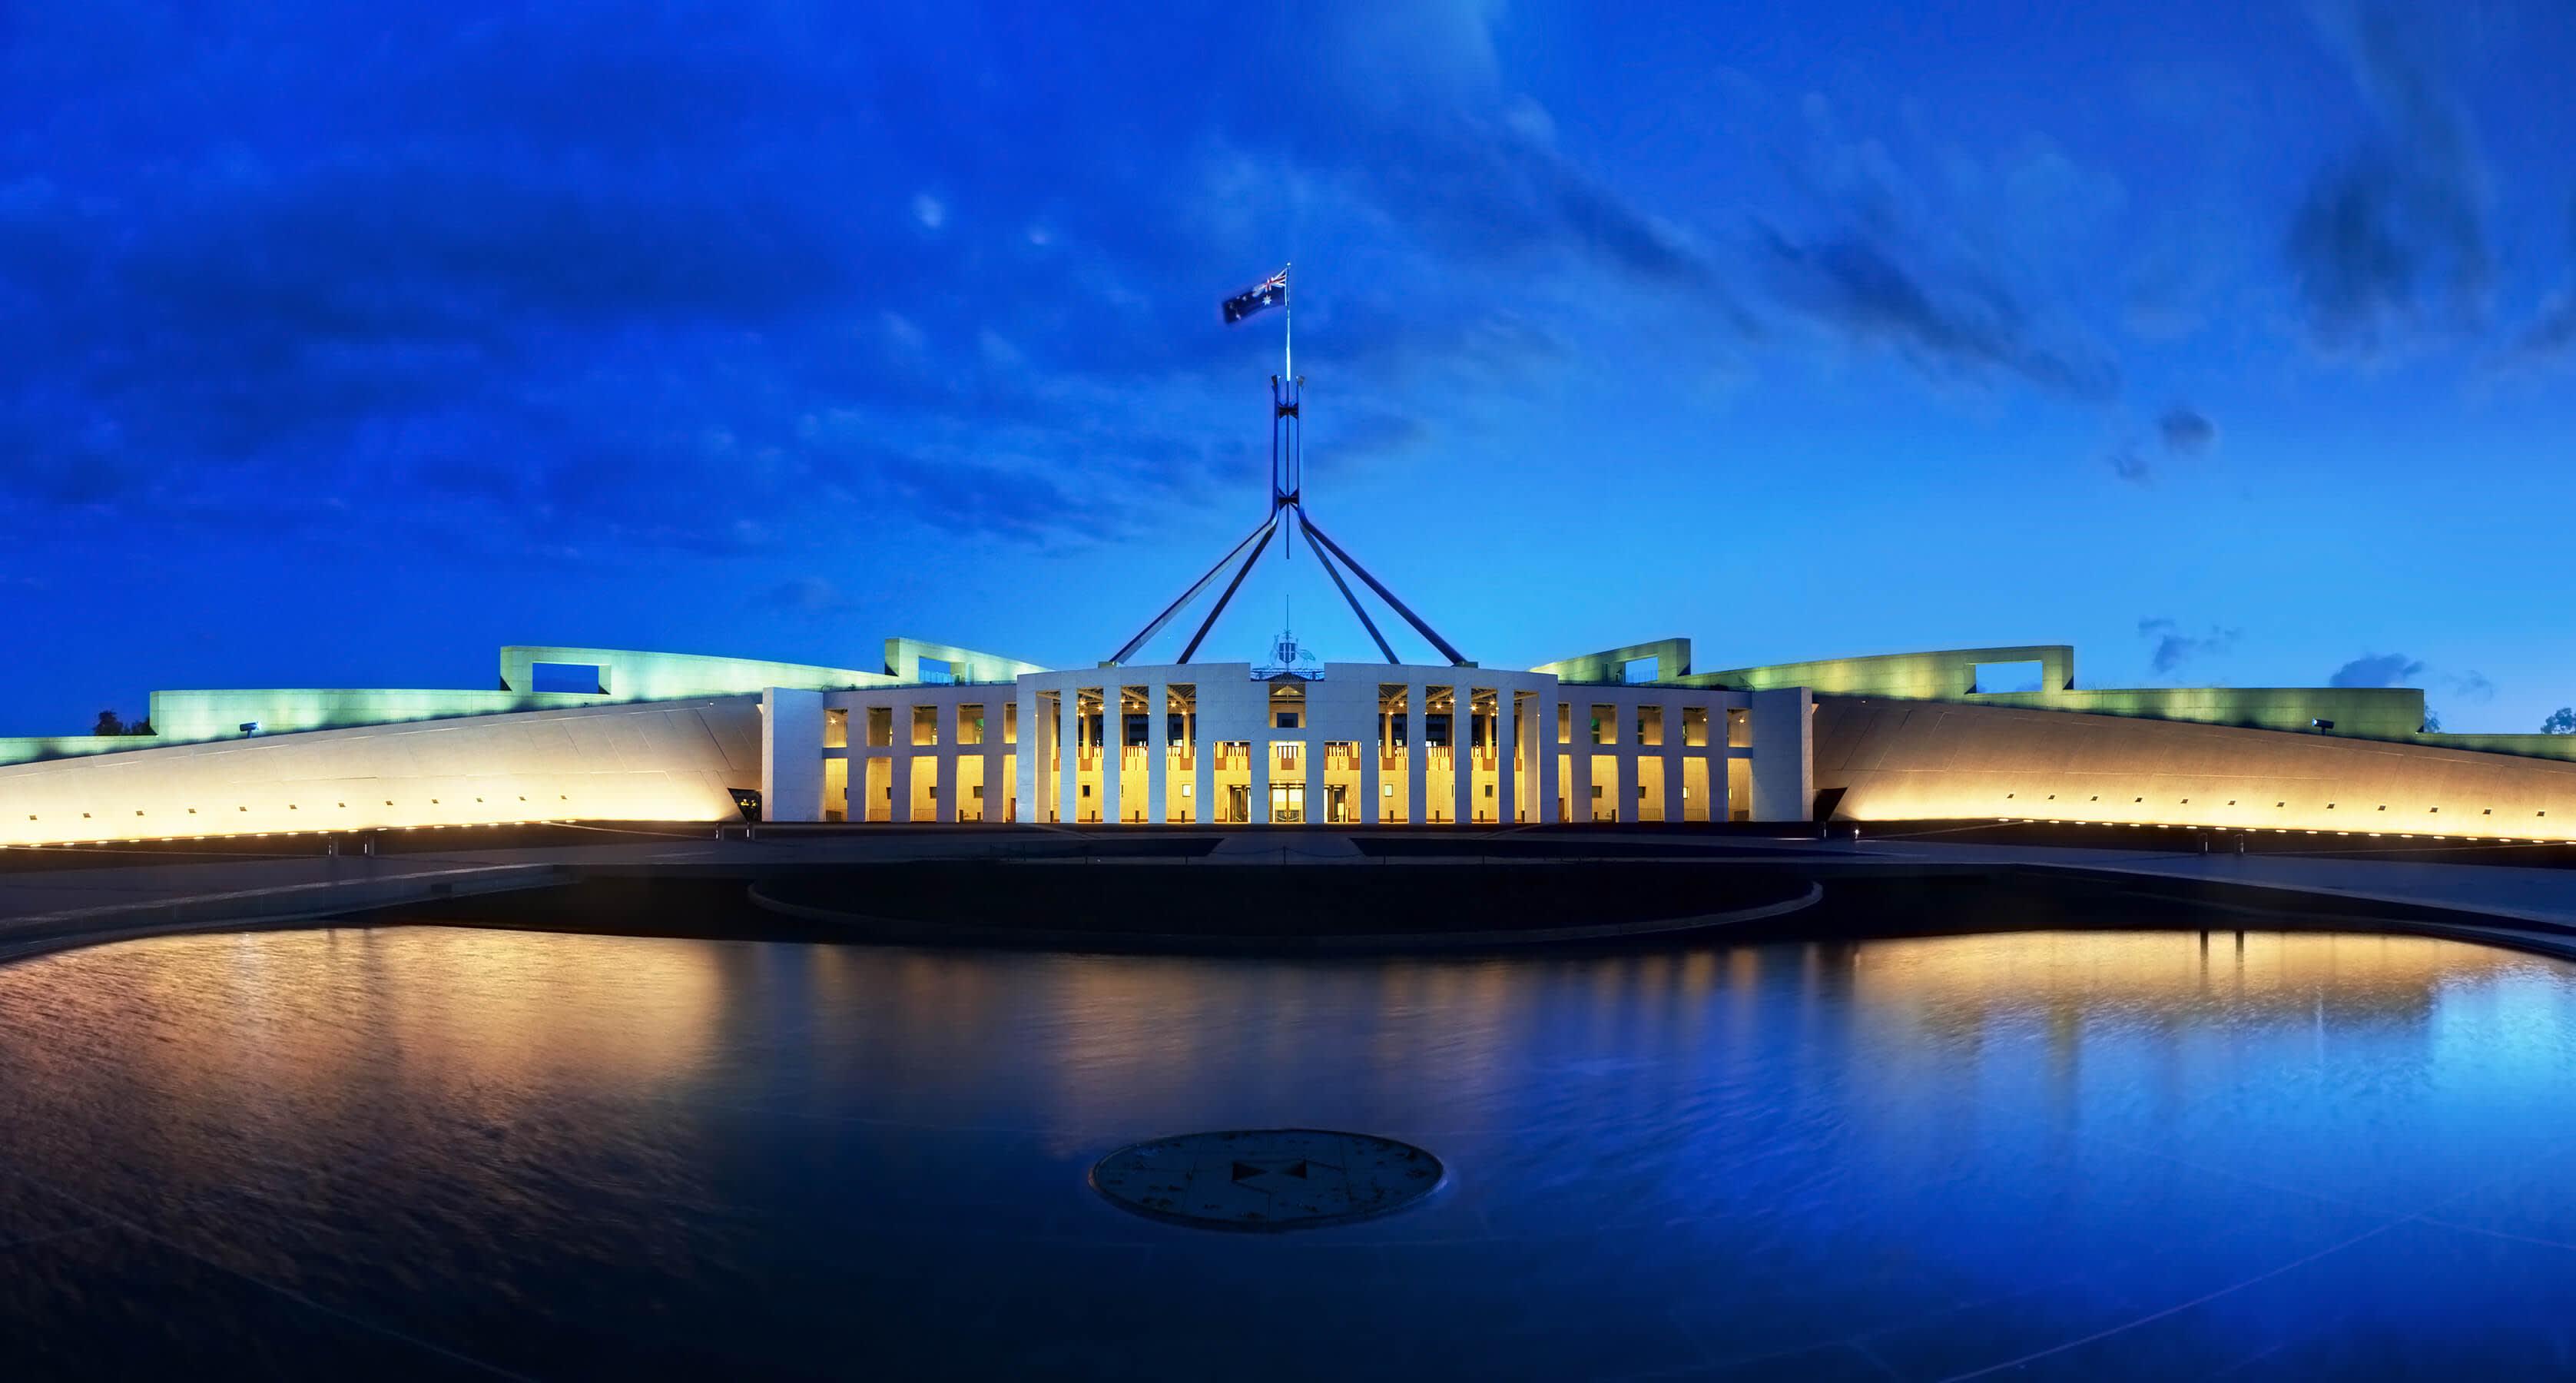 澳 洲 國 會 ( 圖 片 來 源 : goo.gl/uhlsQZ )